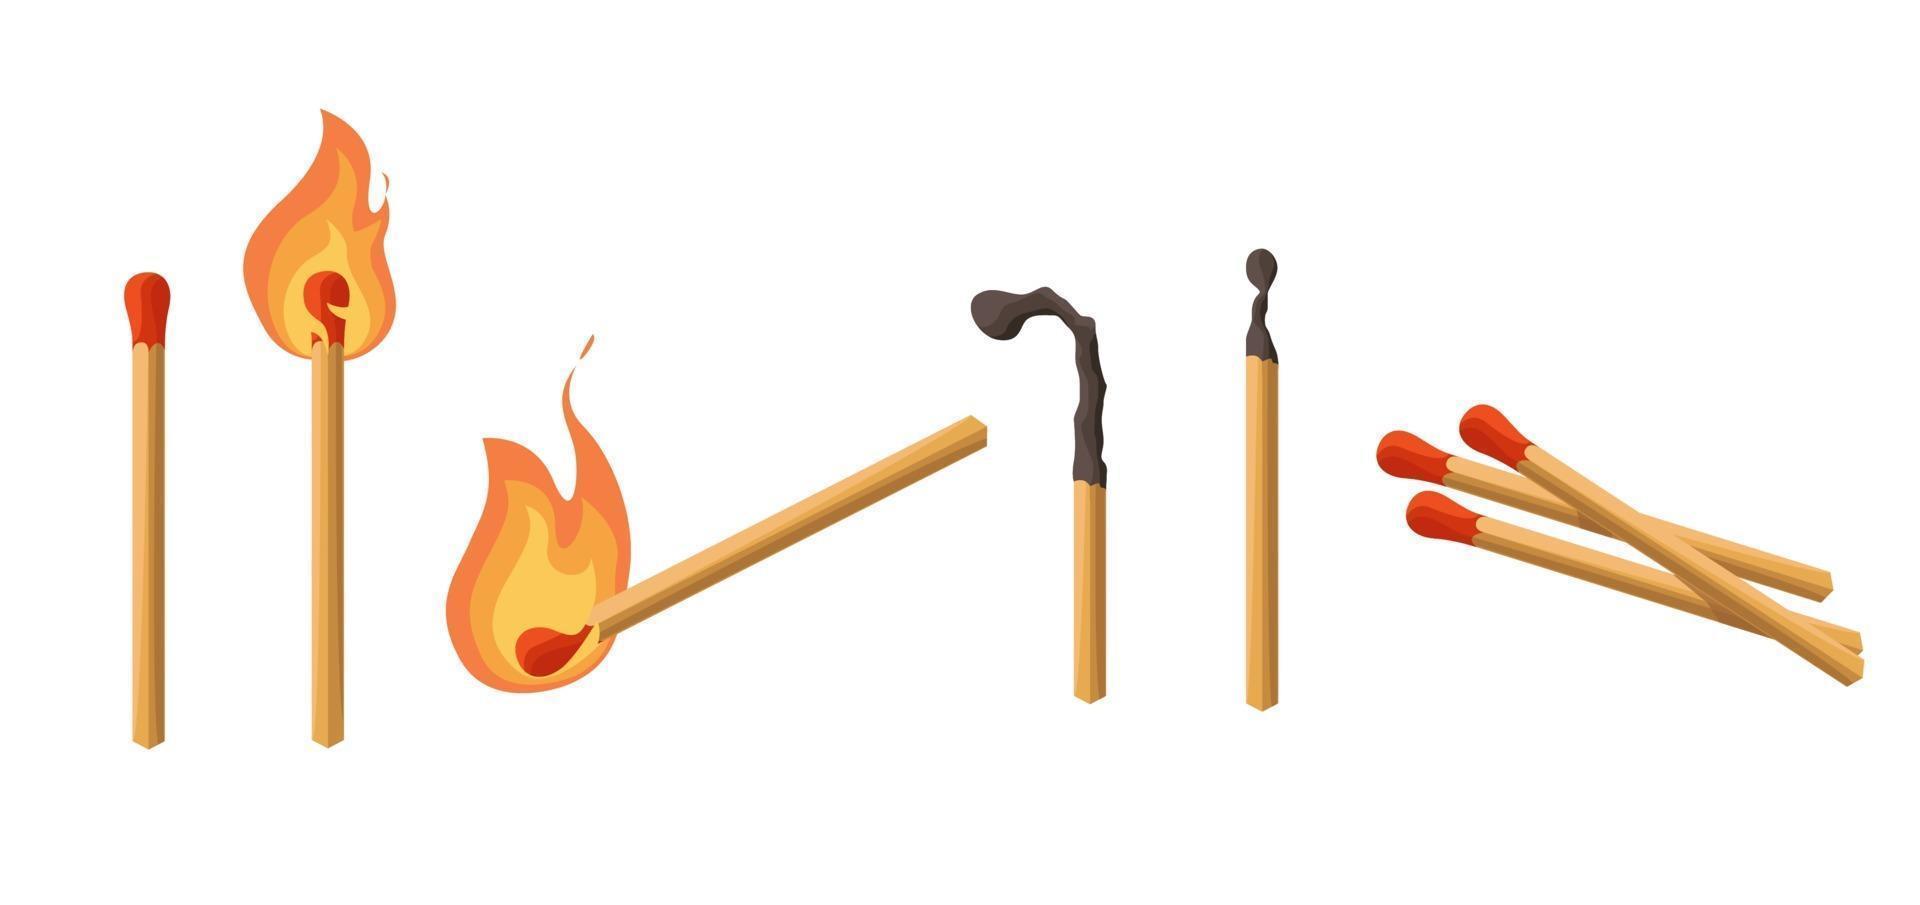 fósforos establecidos. fósforo encendido con fuego, fósforo carbón. luces. estilo de dibujos animados de ilustración vectorial aislado sobre fondo blanco. vector